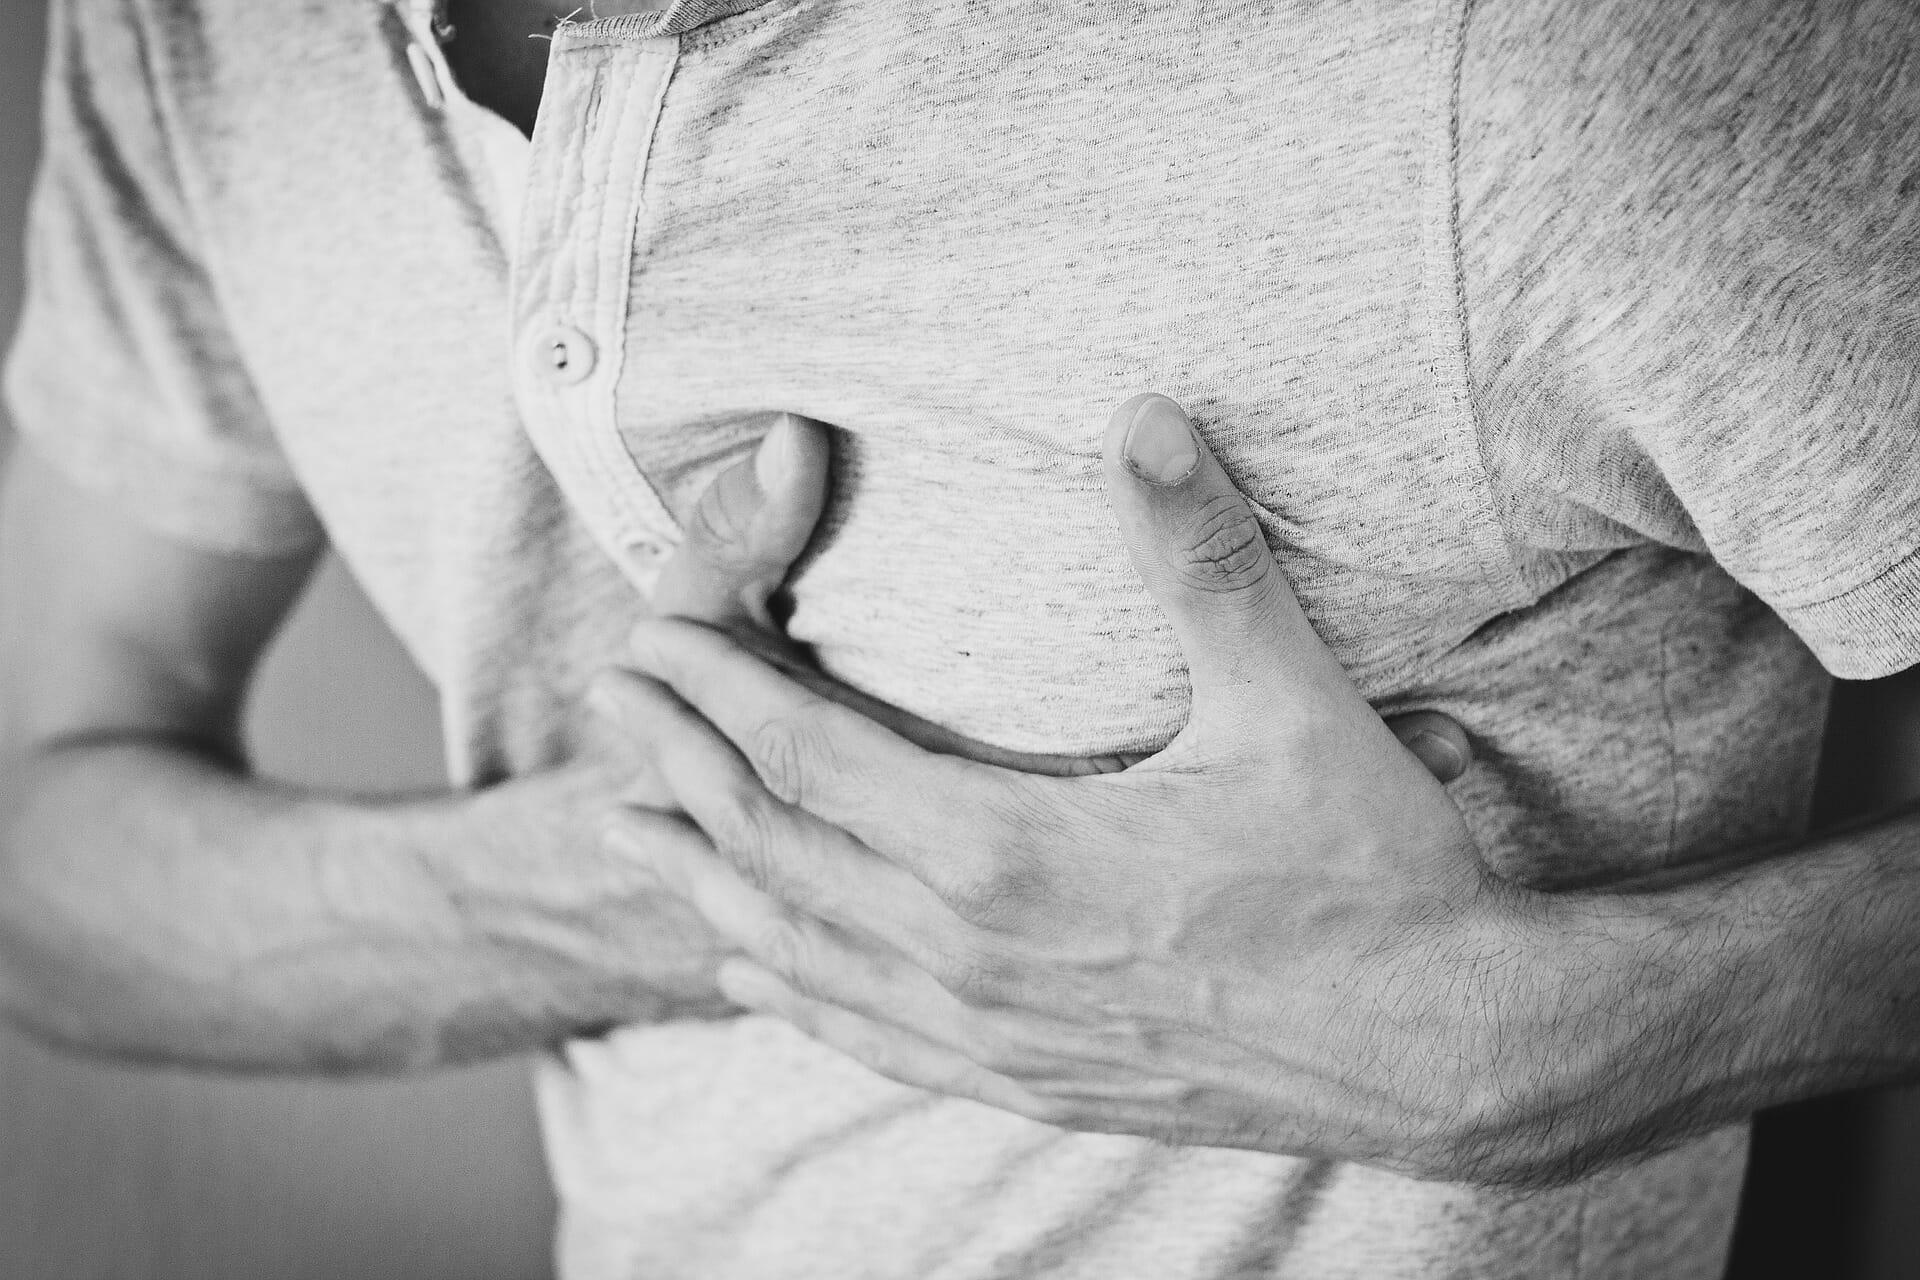 慢性腎臓病が引き起こす病気